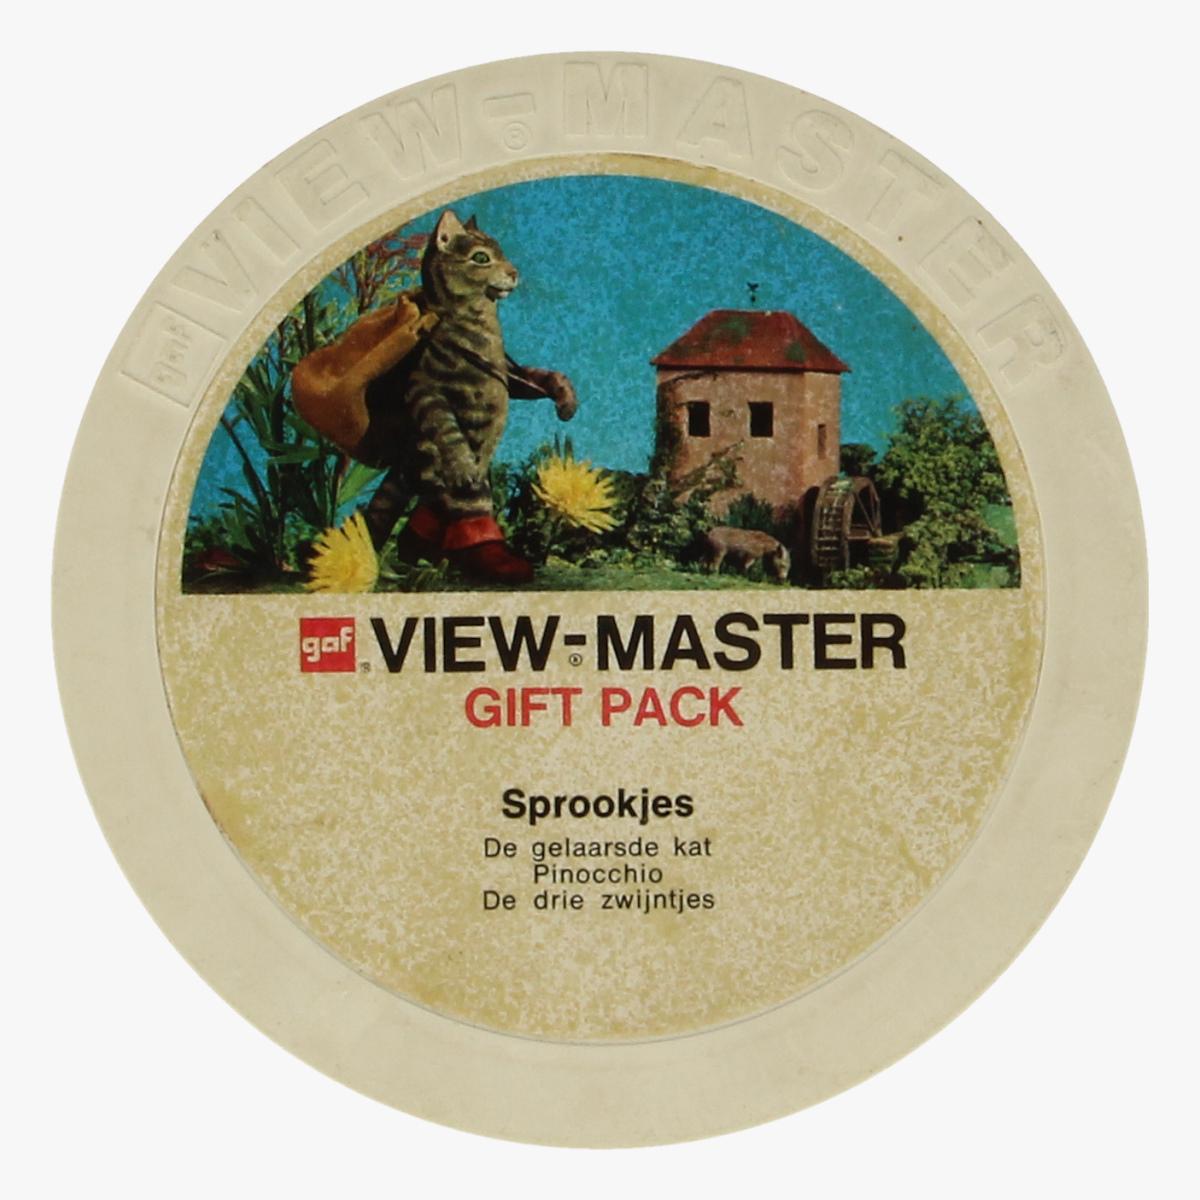 Afbeeldingen van View-Master Gift Pack. Sprookjes